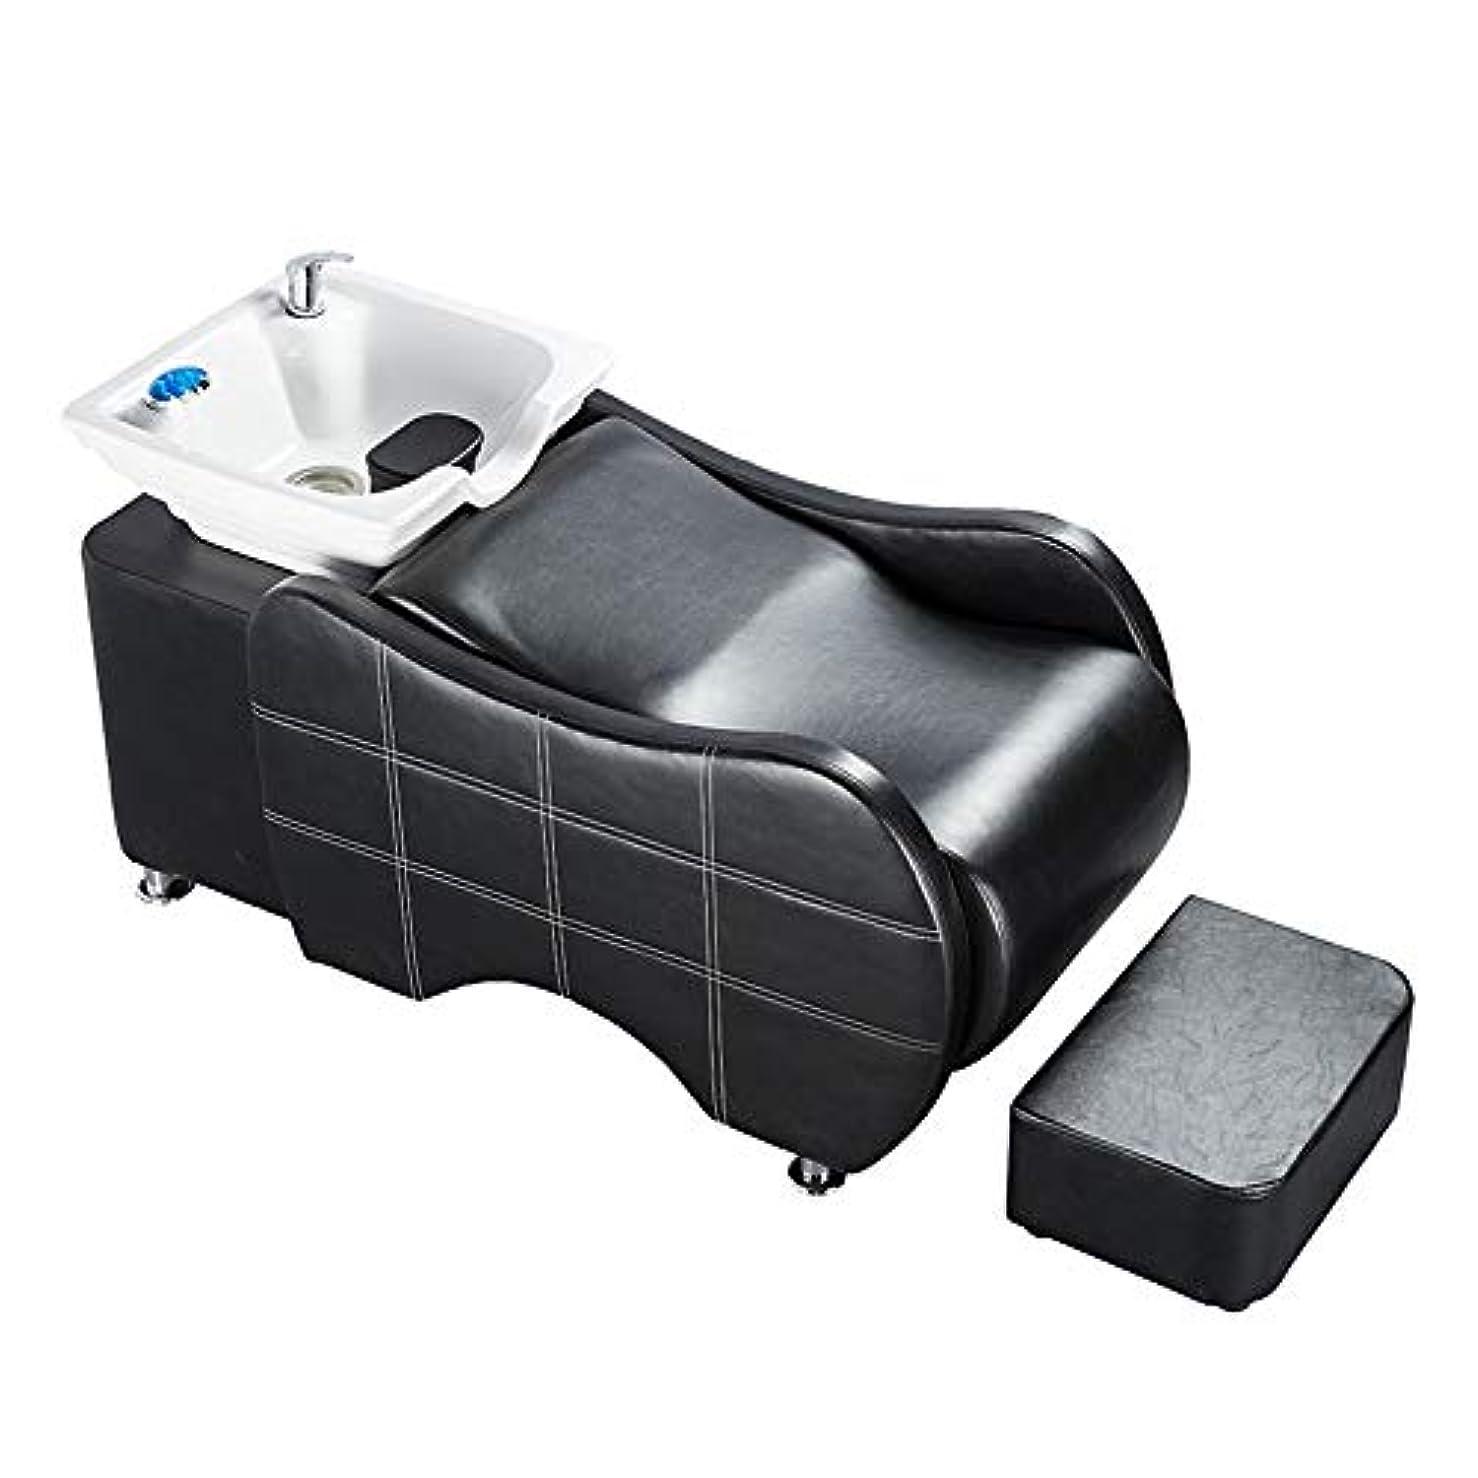 シティ美徳実質的にシャンプーの理髪師の逆洗の椅子、鉱泉の美容院のための陶磁器の洗面器の逆洗の単位のシャンプーボールの流しの椅子(黒)